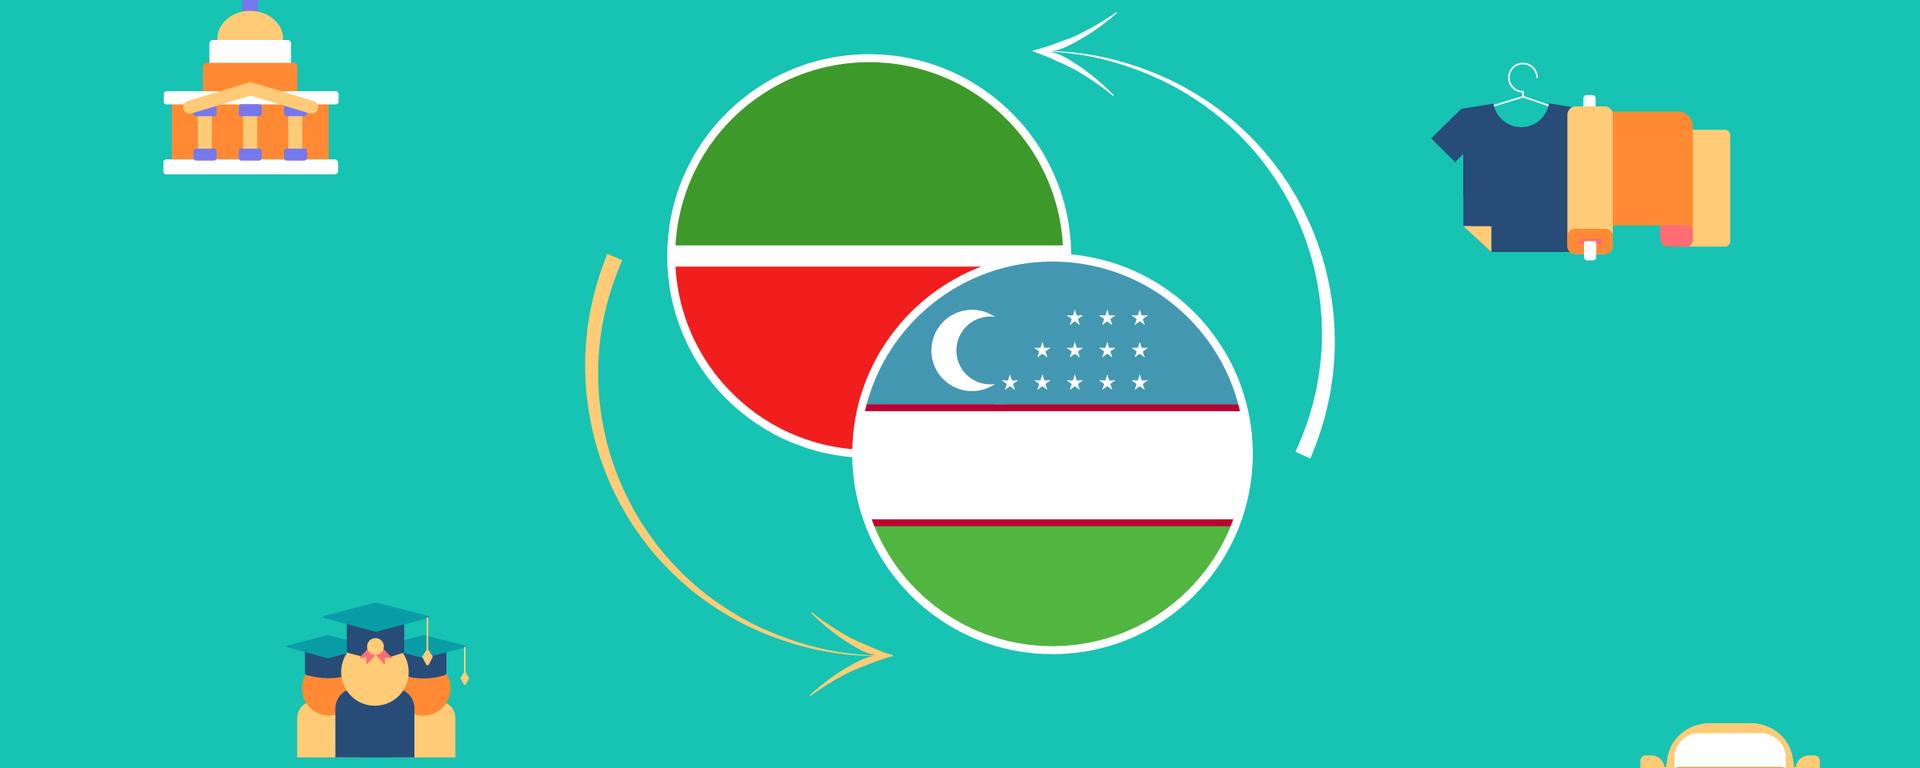 Сотрудничество Узбекистана и Татарстана - Sputnik Узбекистан, 1920, 17.06.2021